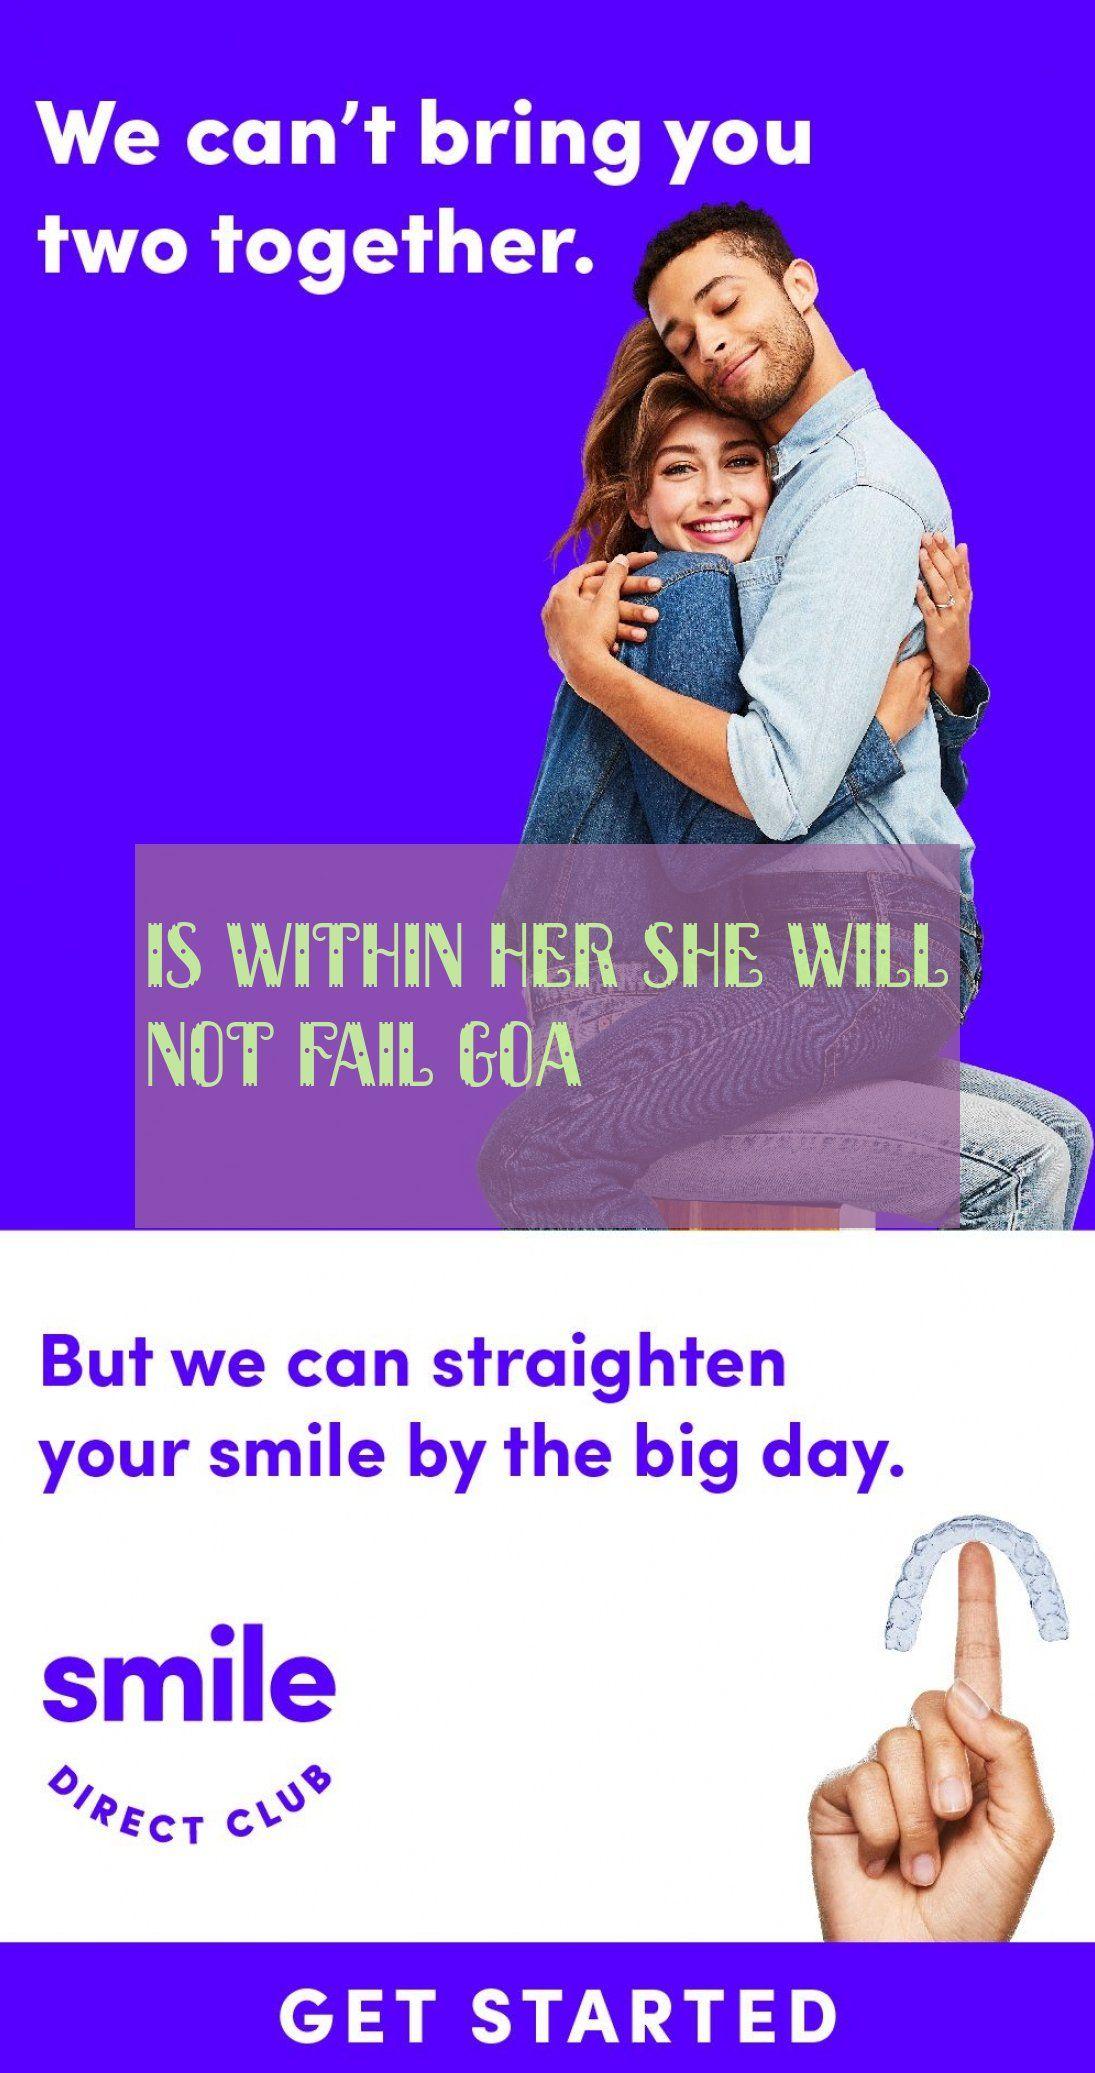 Is Within Her She Will Not Fail Goa Ist In Ihr Sie Wird Goa Nicht Scheitern